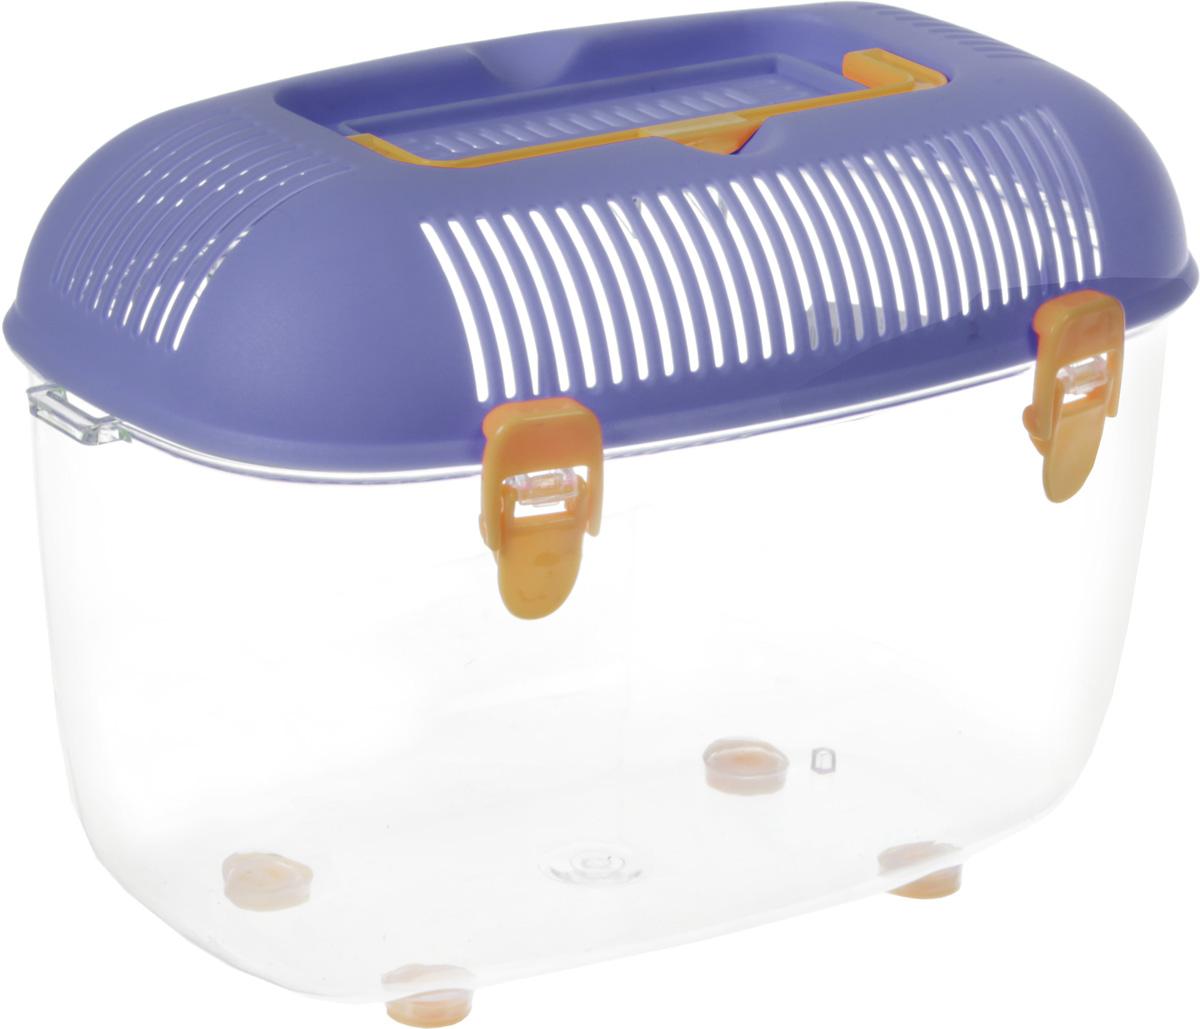 Переноска для грызунов №1, цвет: фиолетовый, 22,5 х 14 х 15 см лакомство для грызунов чика зернышки